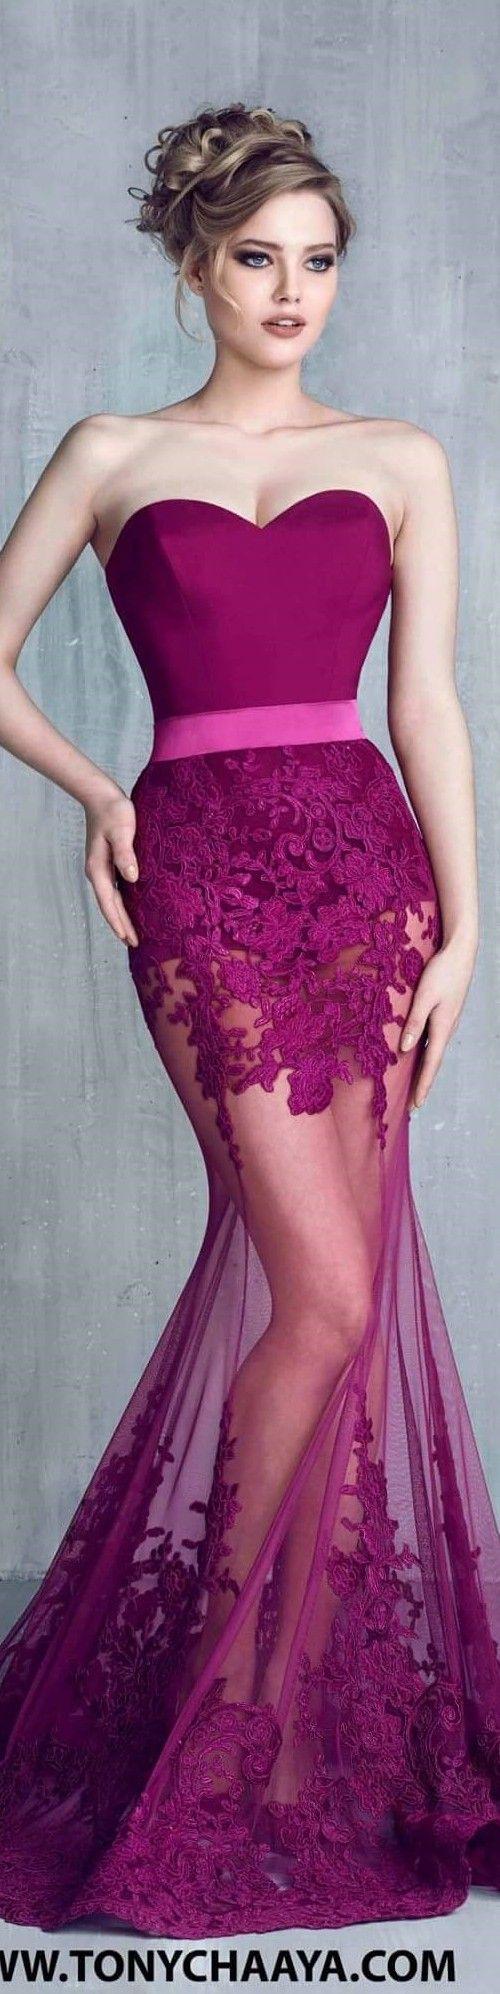 Asombroso Púrpura Vestidos De Fiesta Armarios Componente - Colección ...